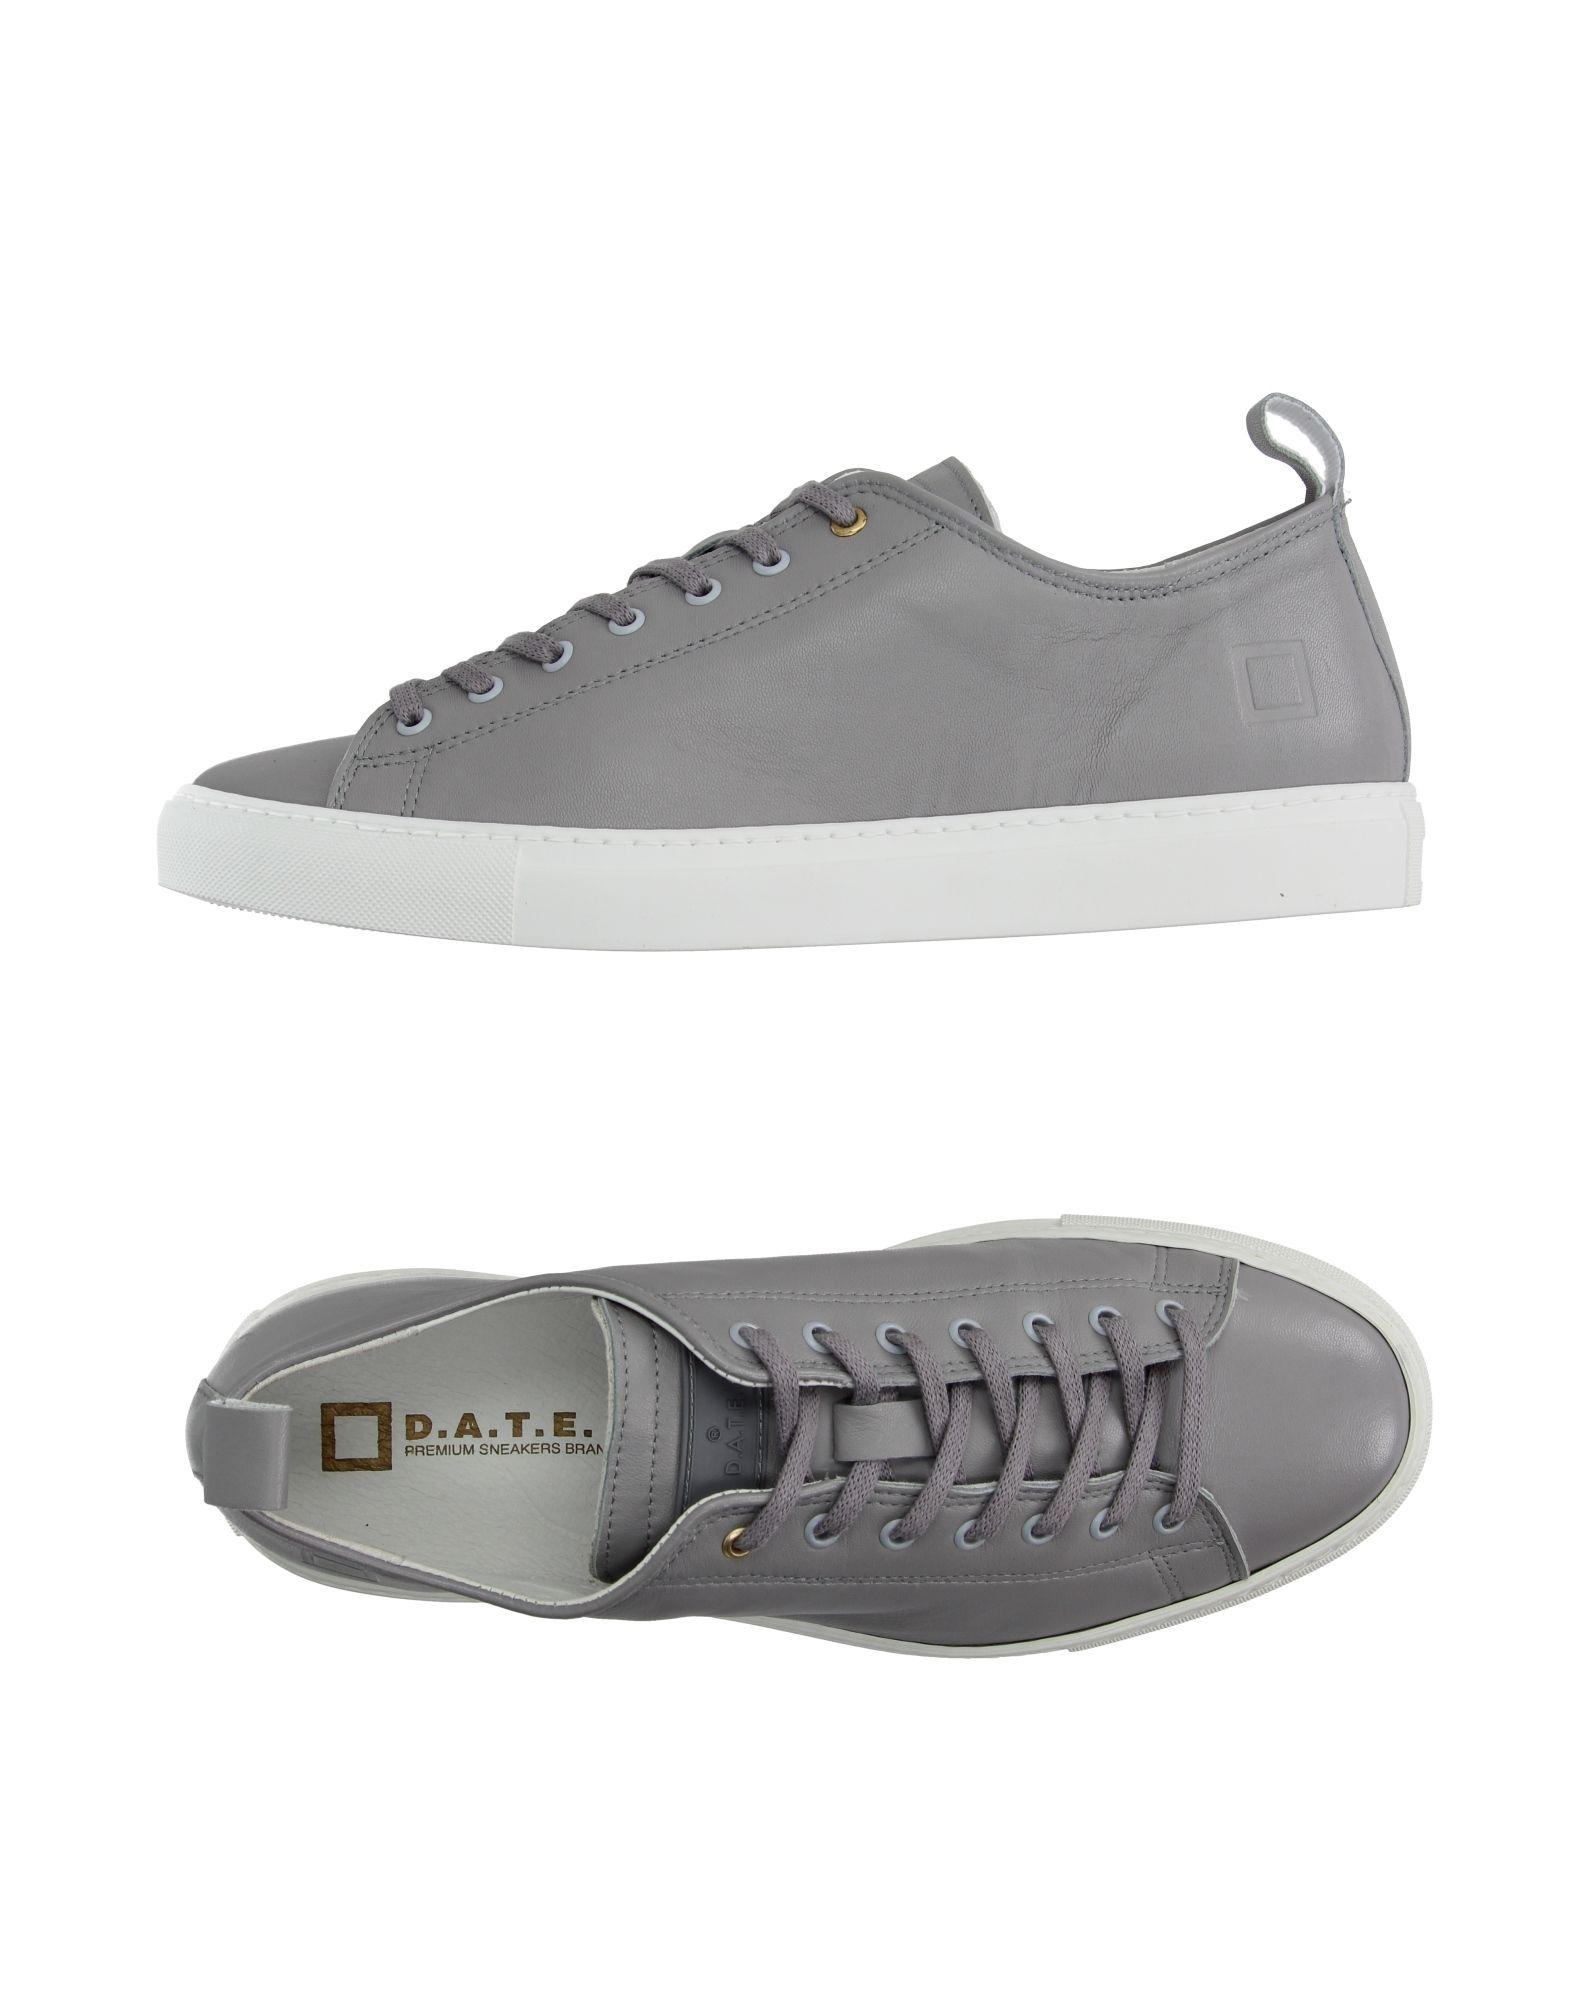 11142531UW D.A.T.E. Sneakers Herren  11142531UW  1d0853